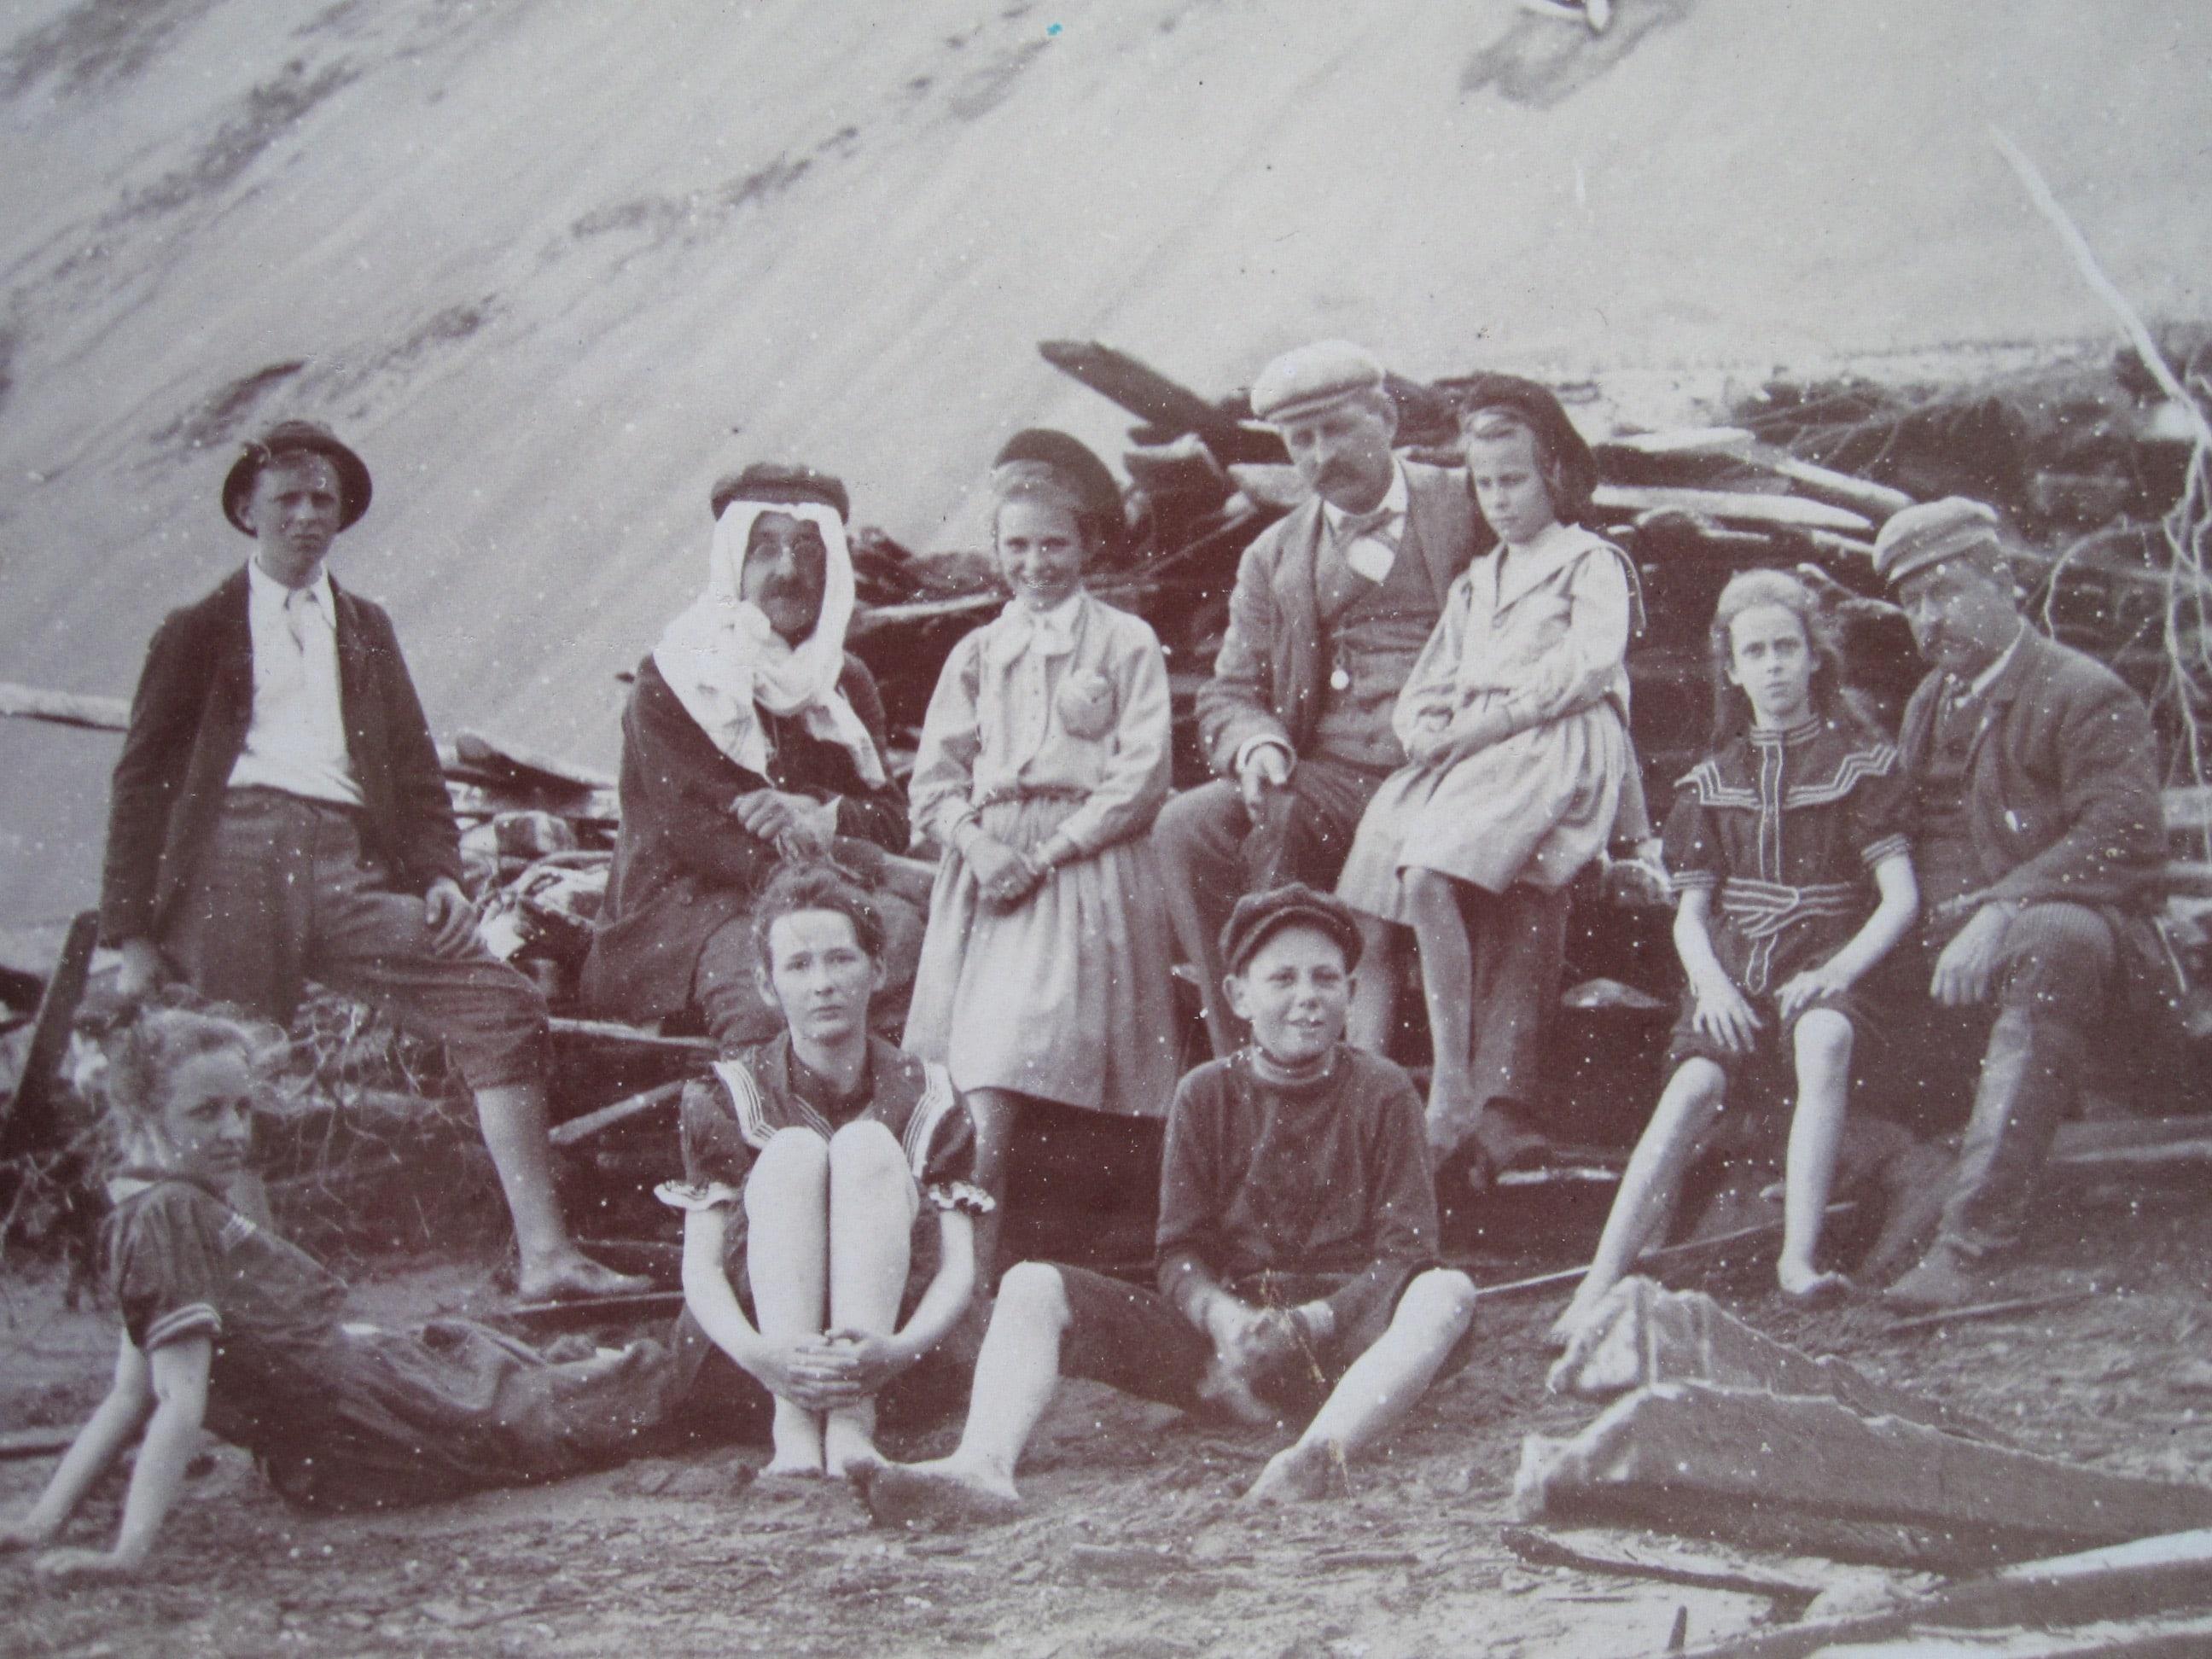 Dix personnes posent au pied de dunes de sable, assis près d'un amoncellement de morceaux de bois.